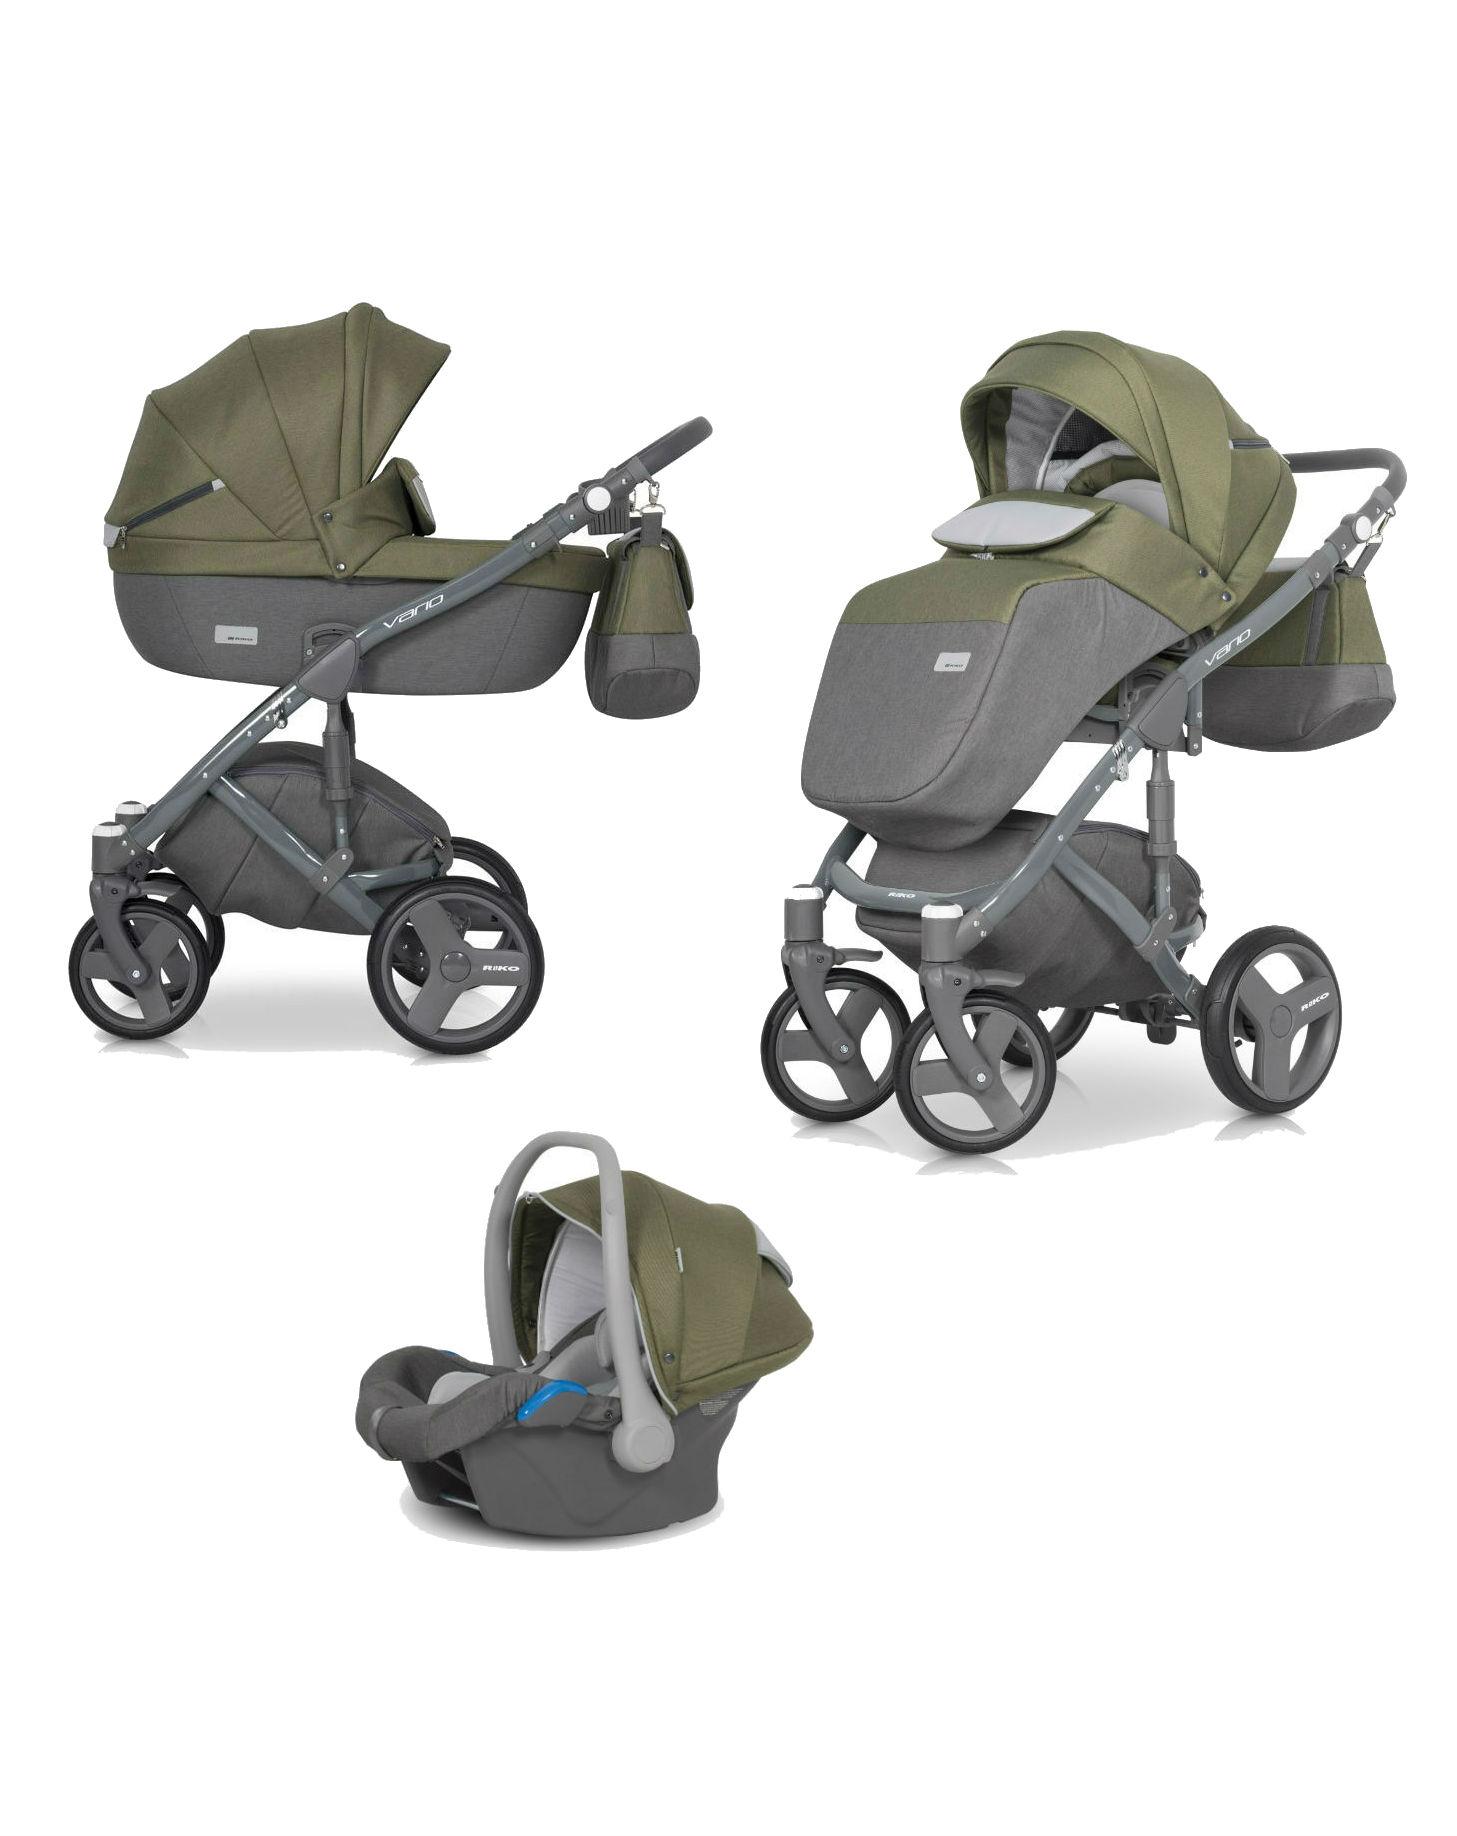 Детская коляска Riko Vario 3 в 1 (Серый/зеленый)